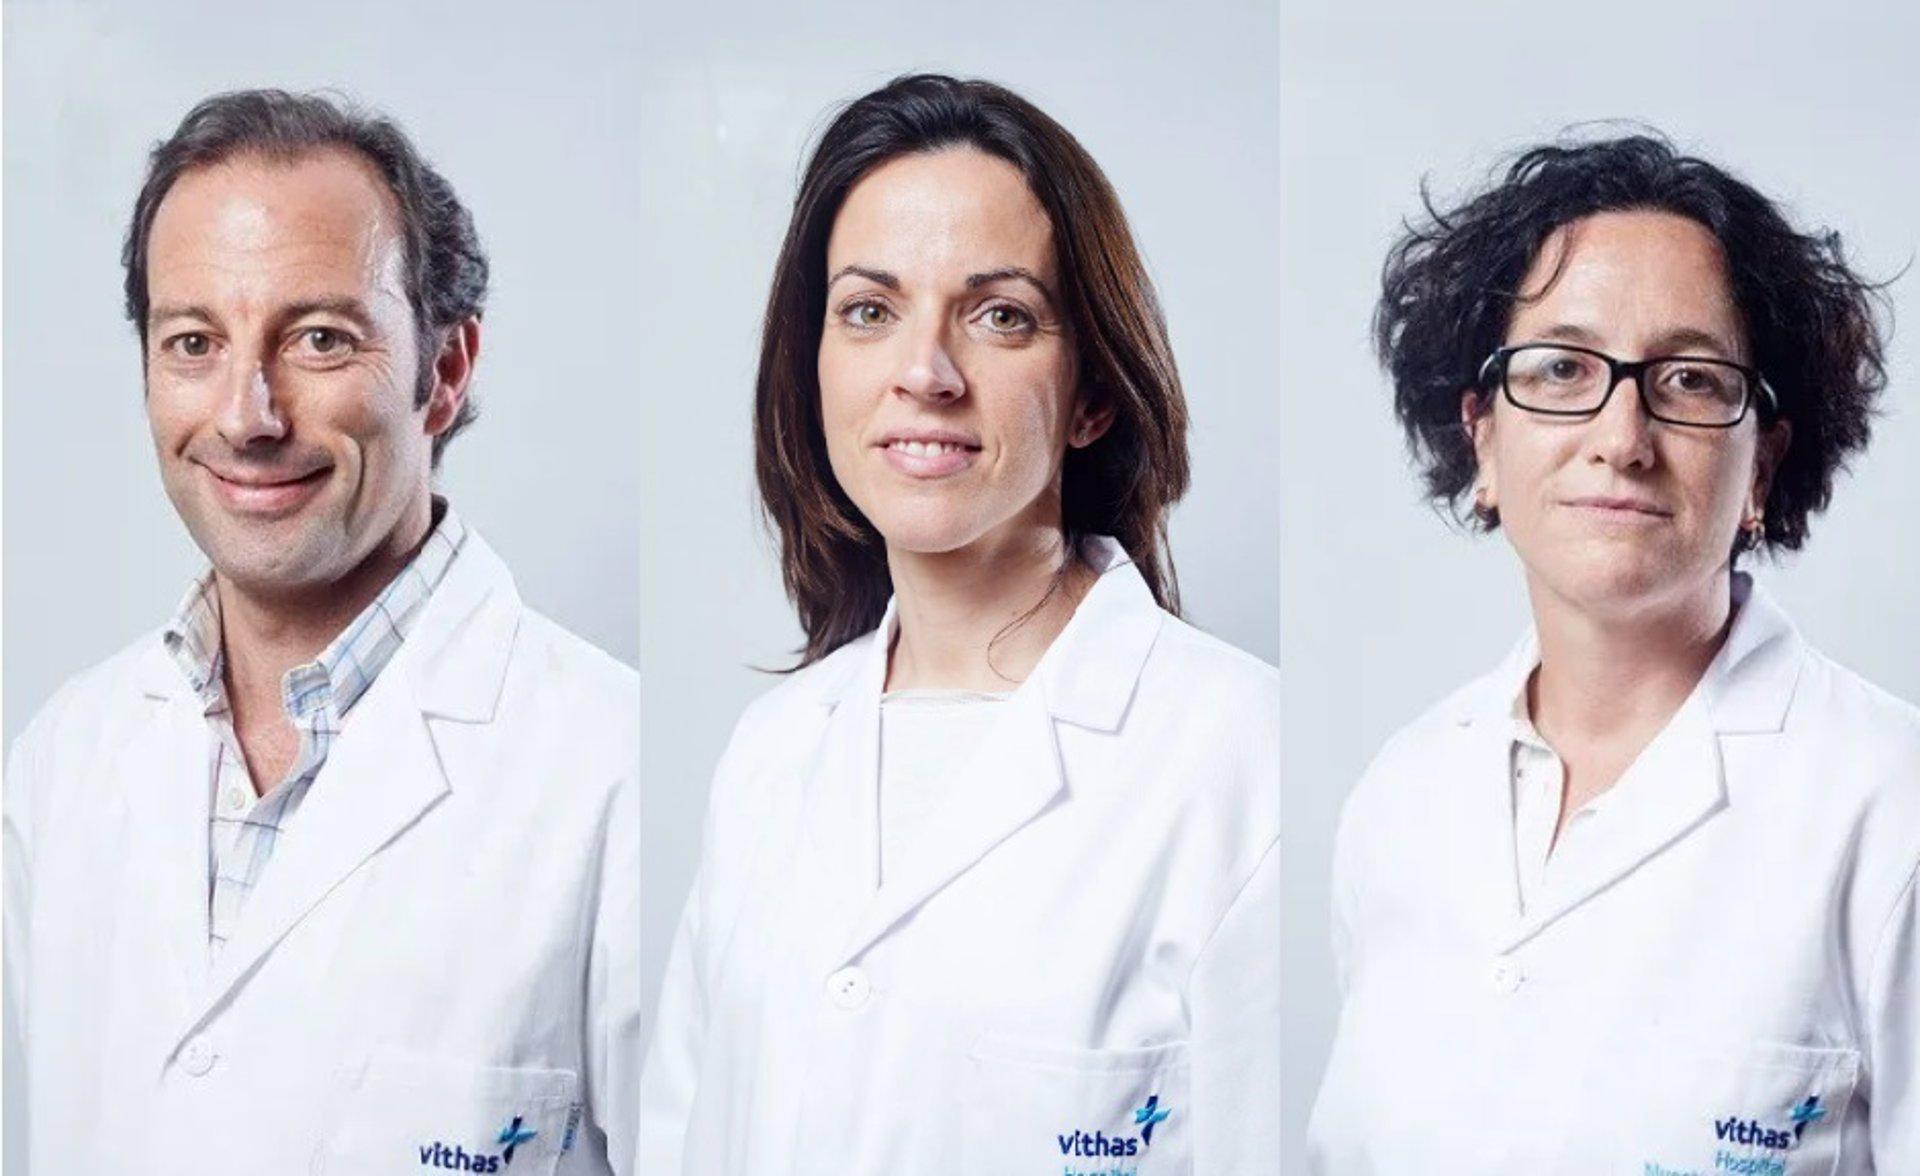 Vithas Granada, pionero en el tratamiento de patología vascular aneurismática